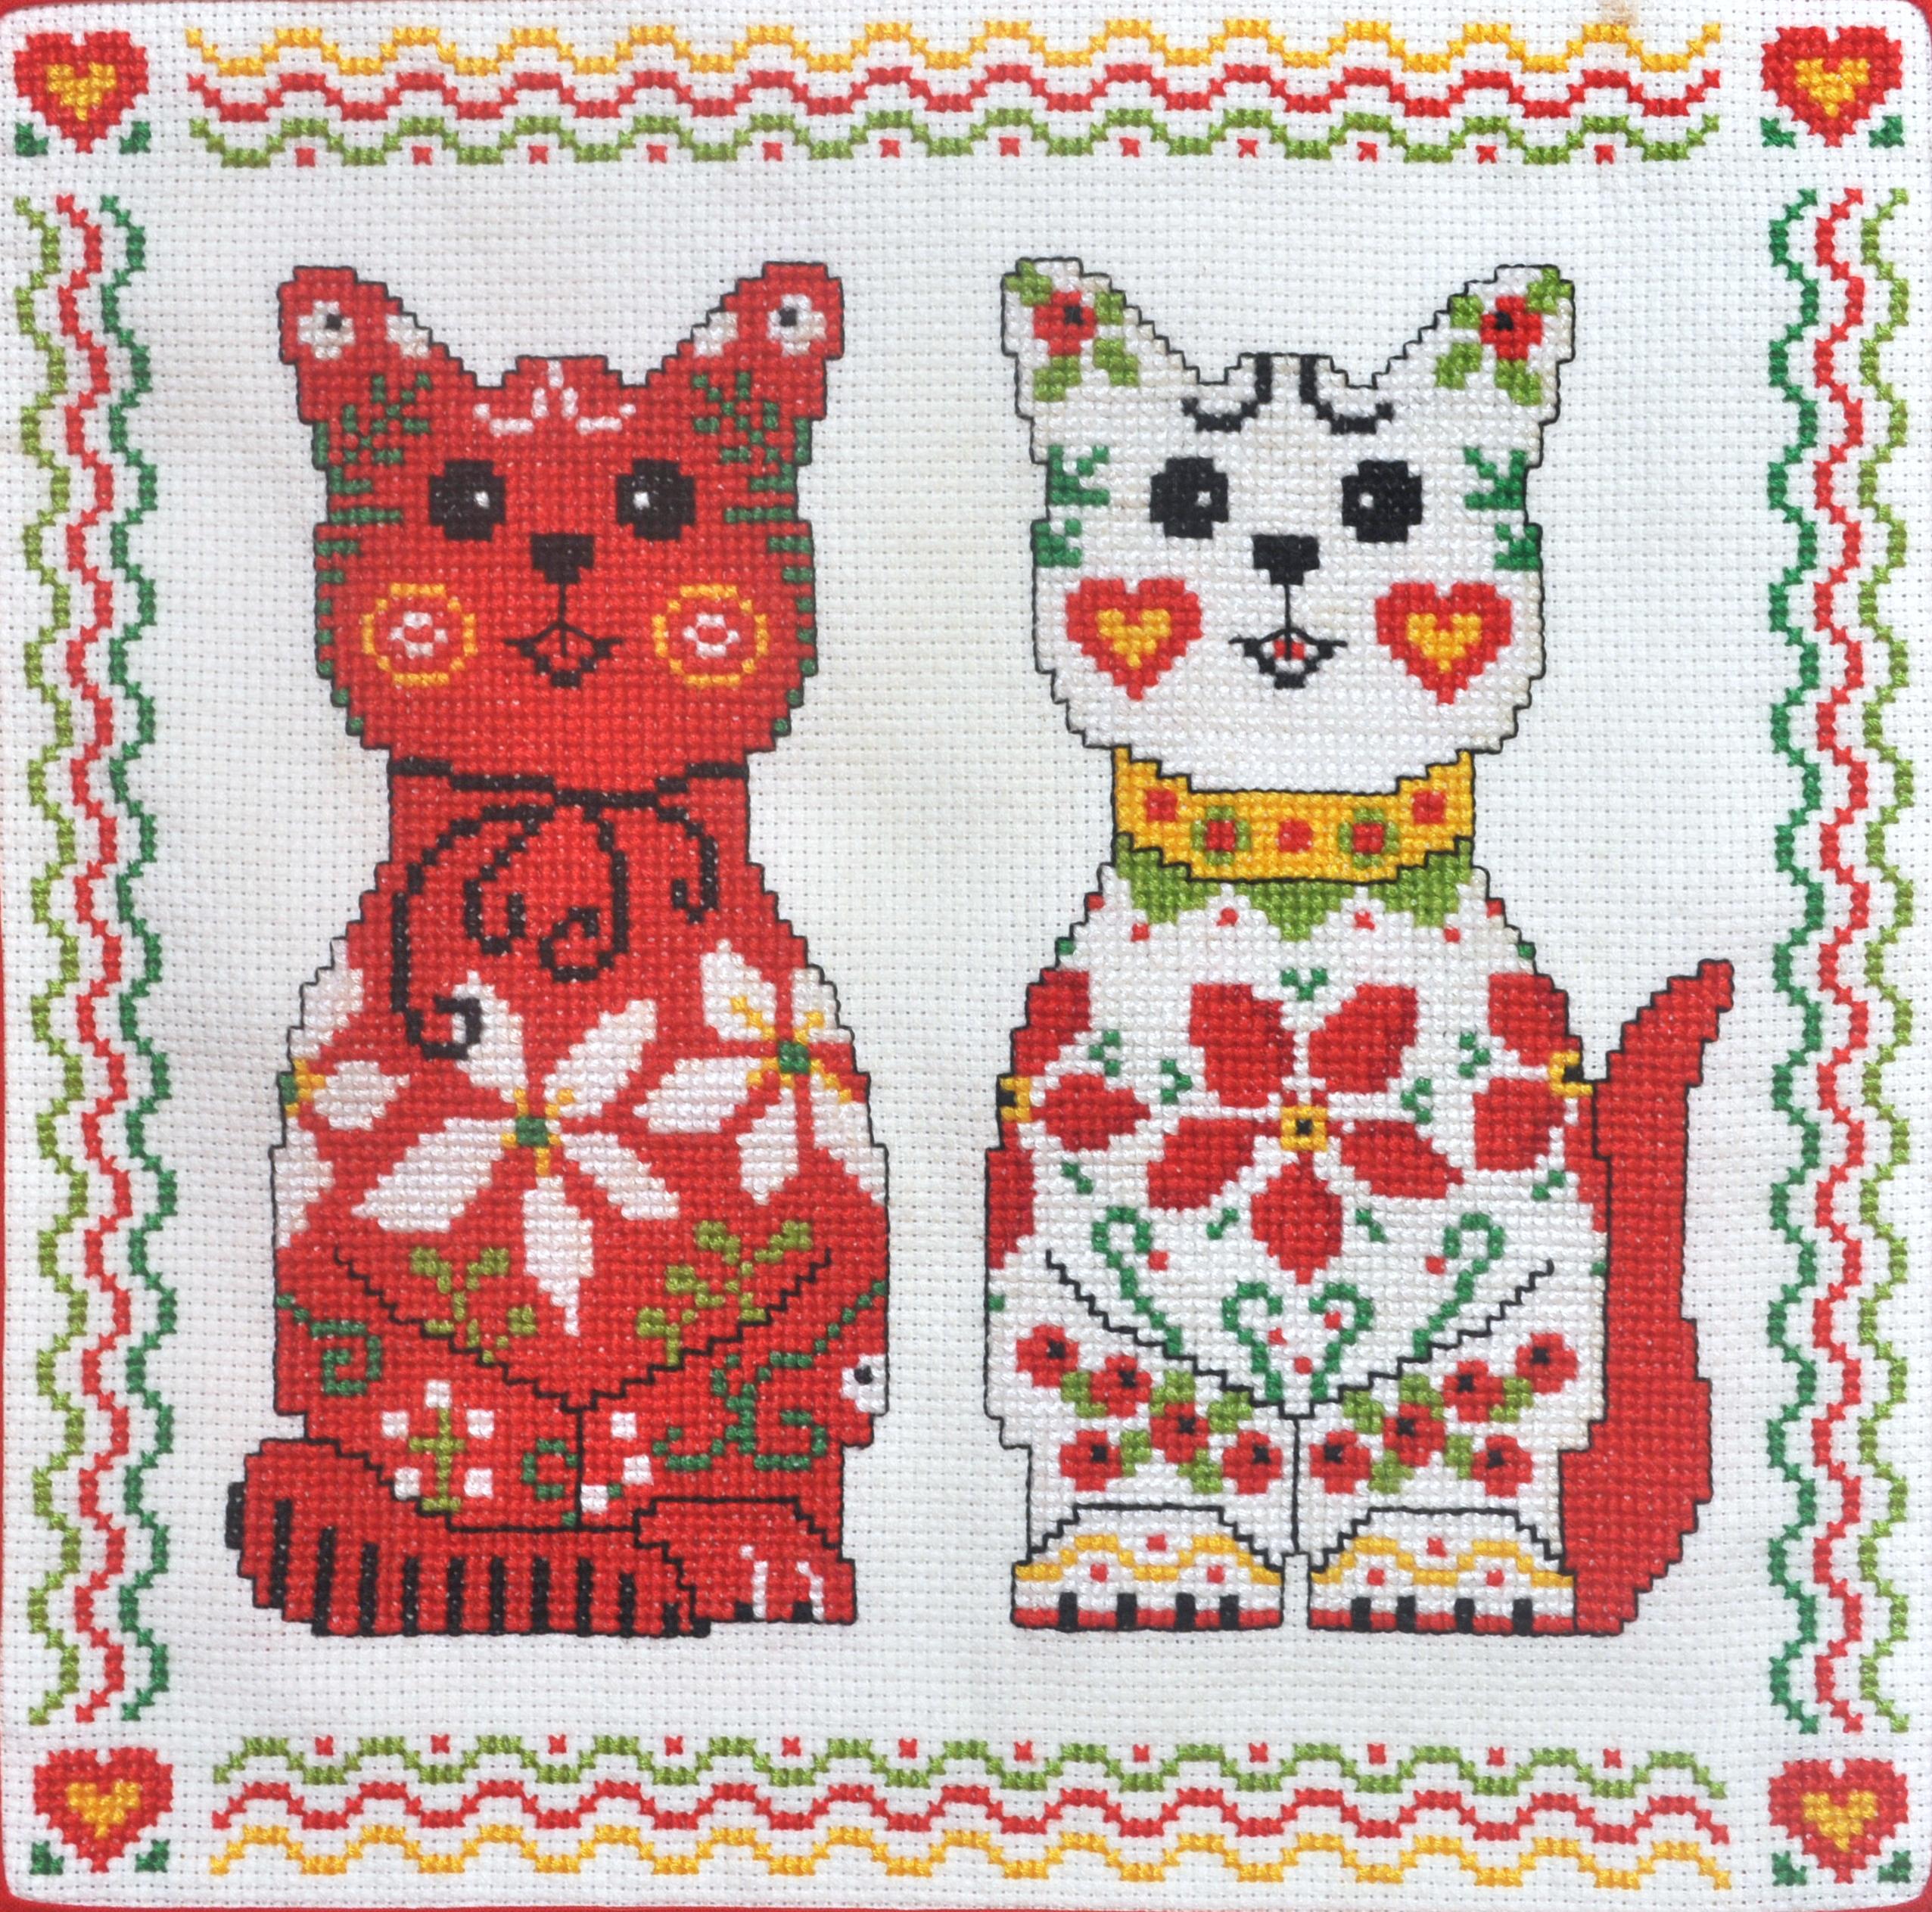 Two elegant cats, cross stitch pattern by Iveta Hlavinova